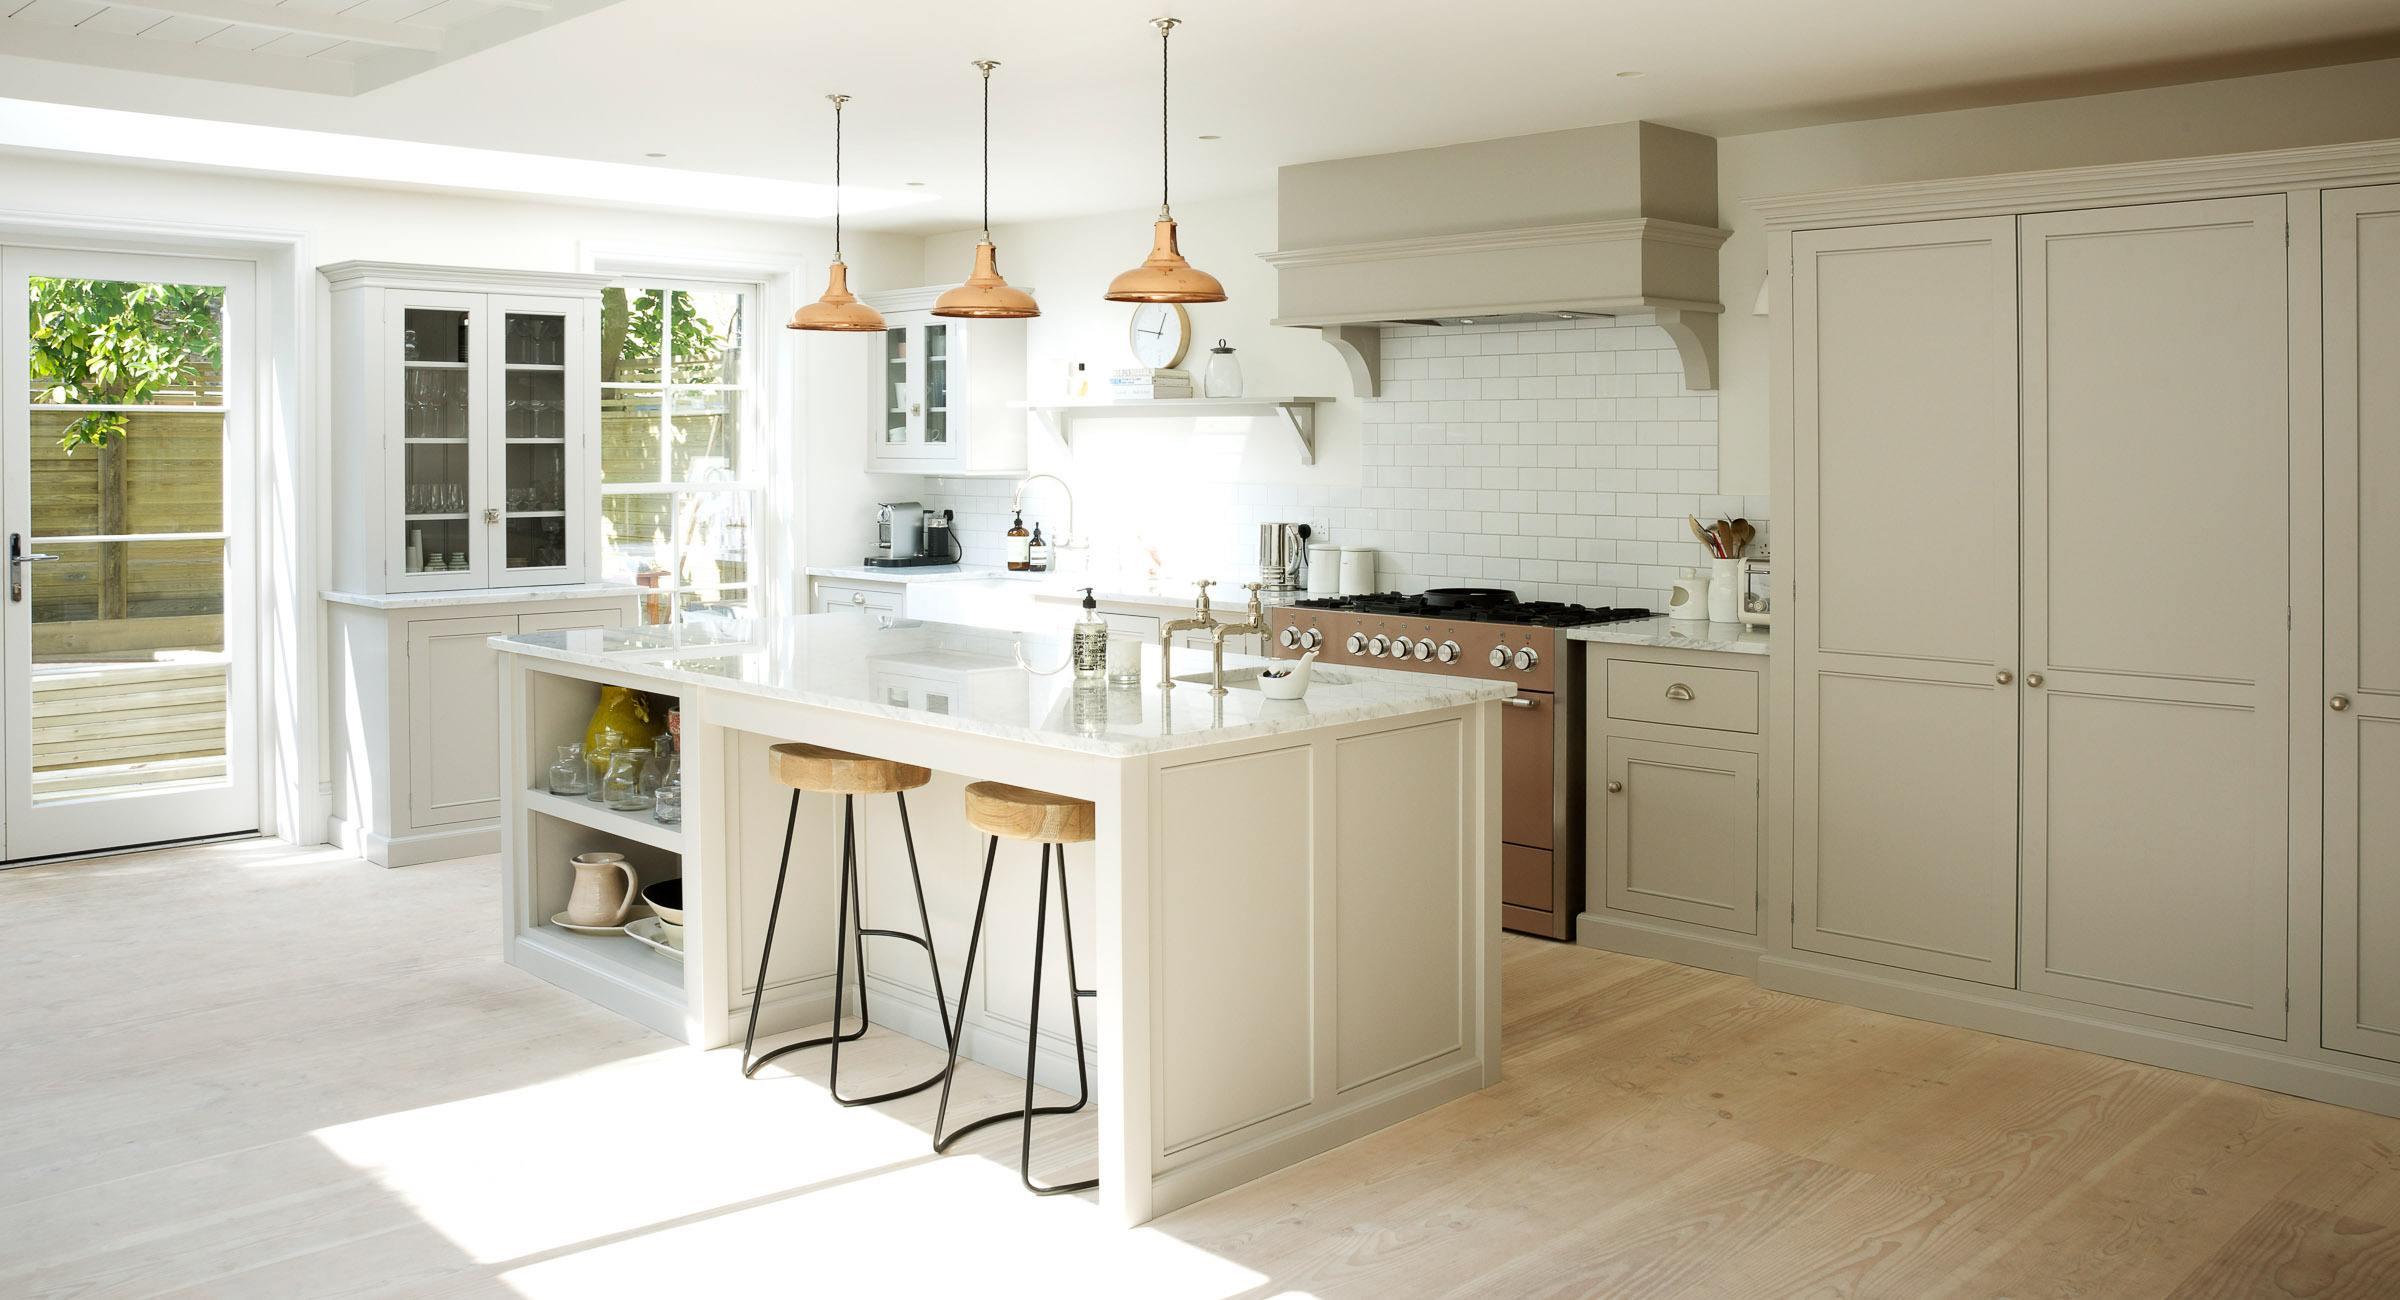 Clapham London Kitchen   deVOL Kitchens. West London Kitchen Design. Home Design Ideas